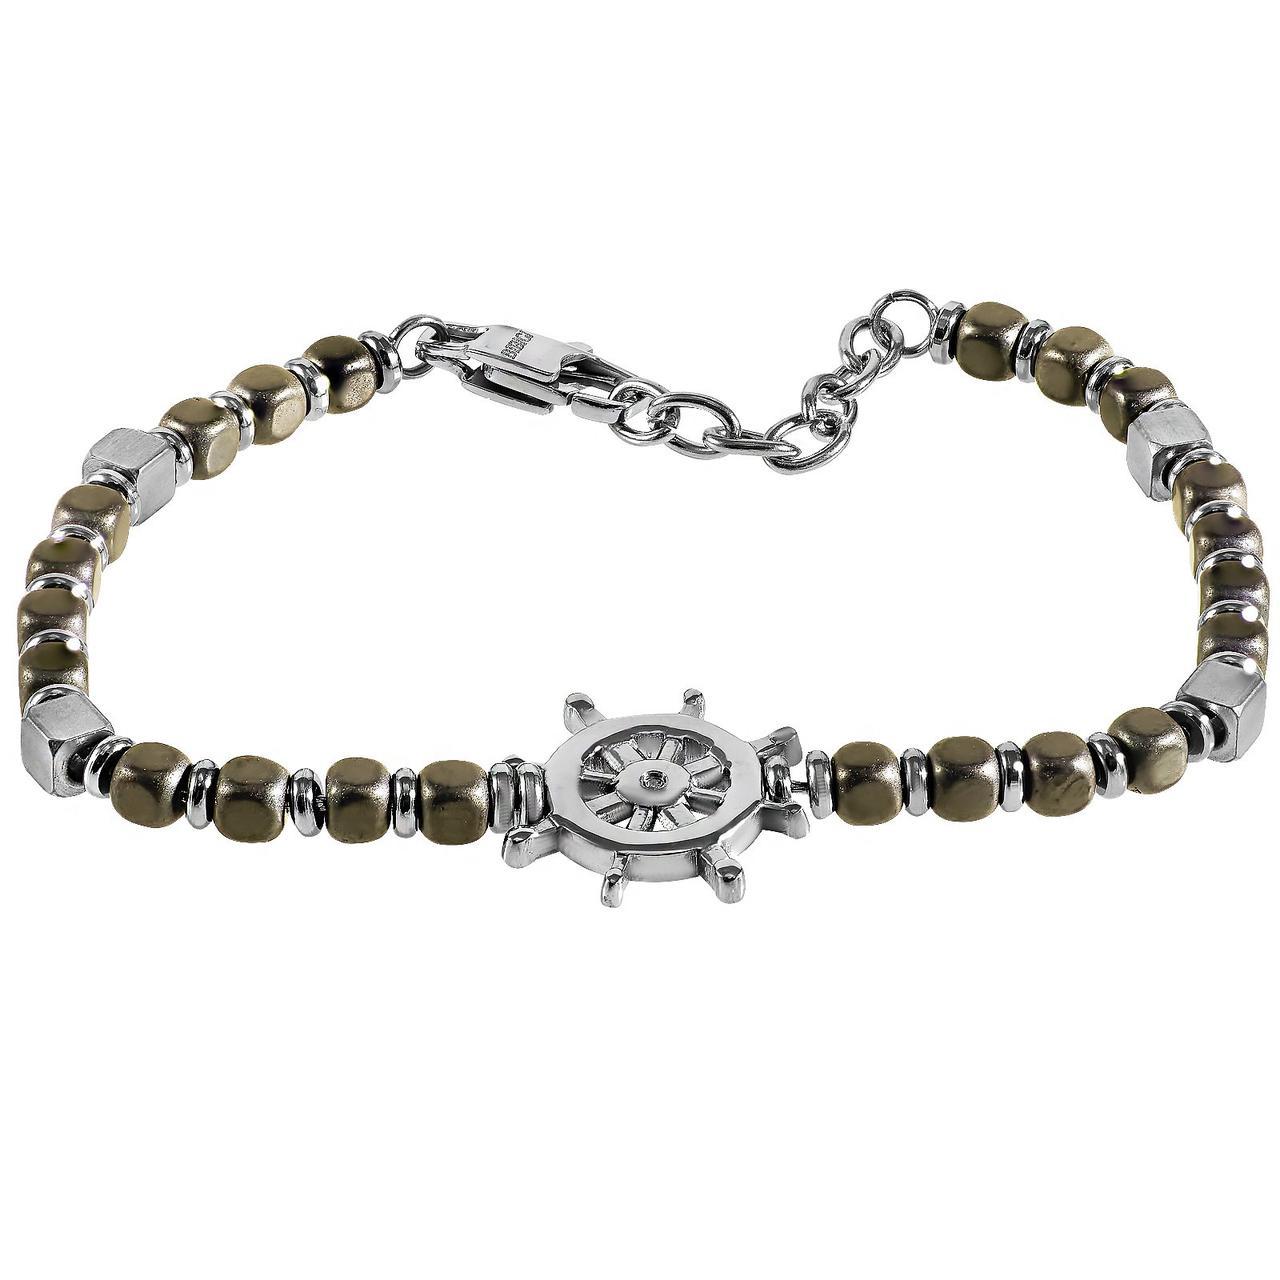 Мужской браслет из стали с бриллиантом, размер 21 (1681781)